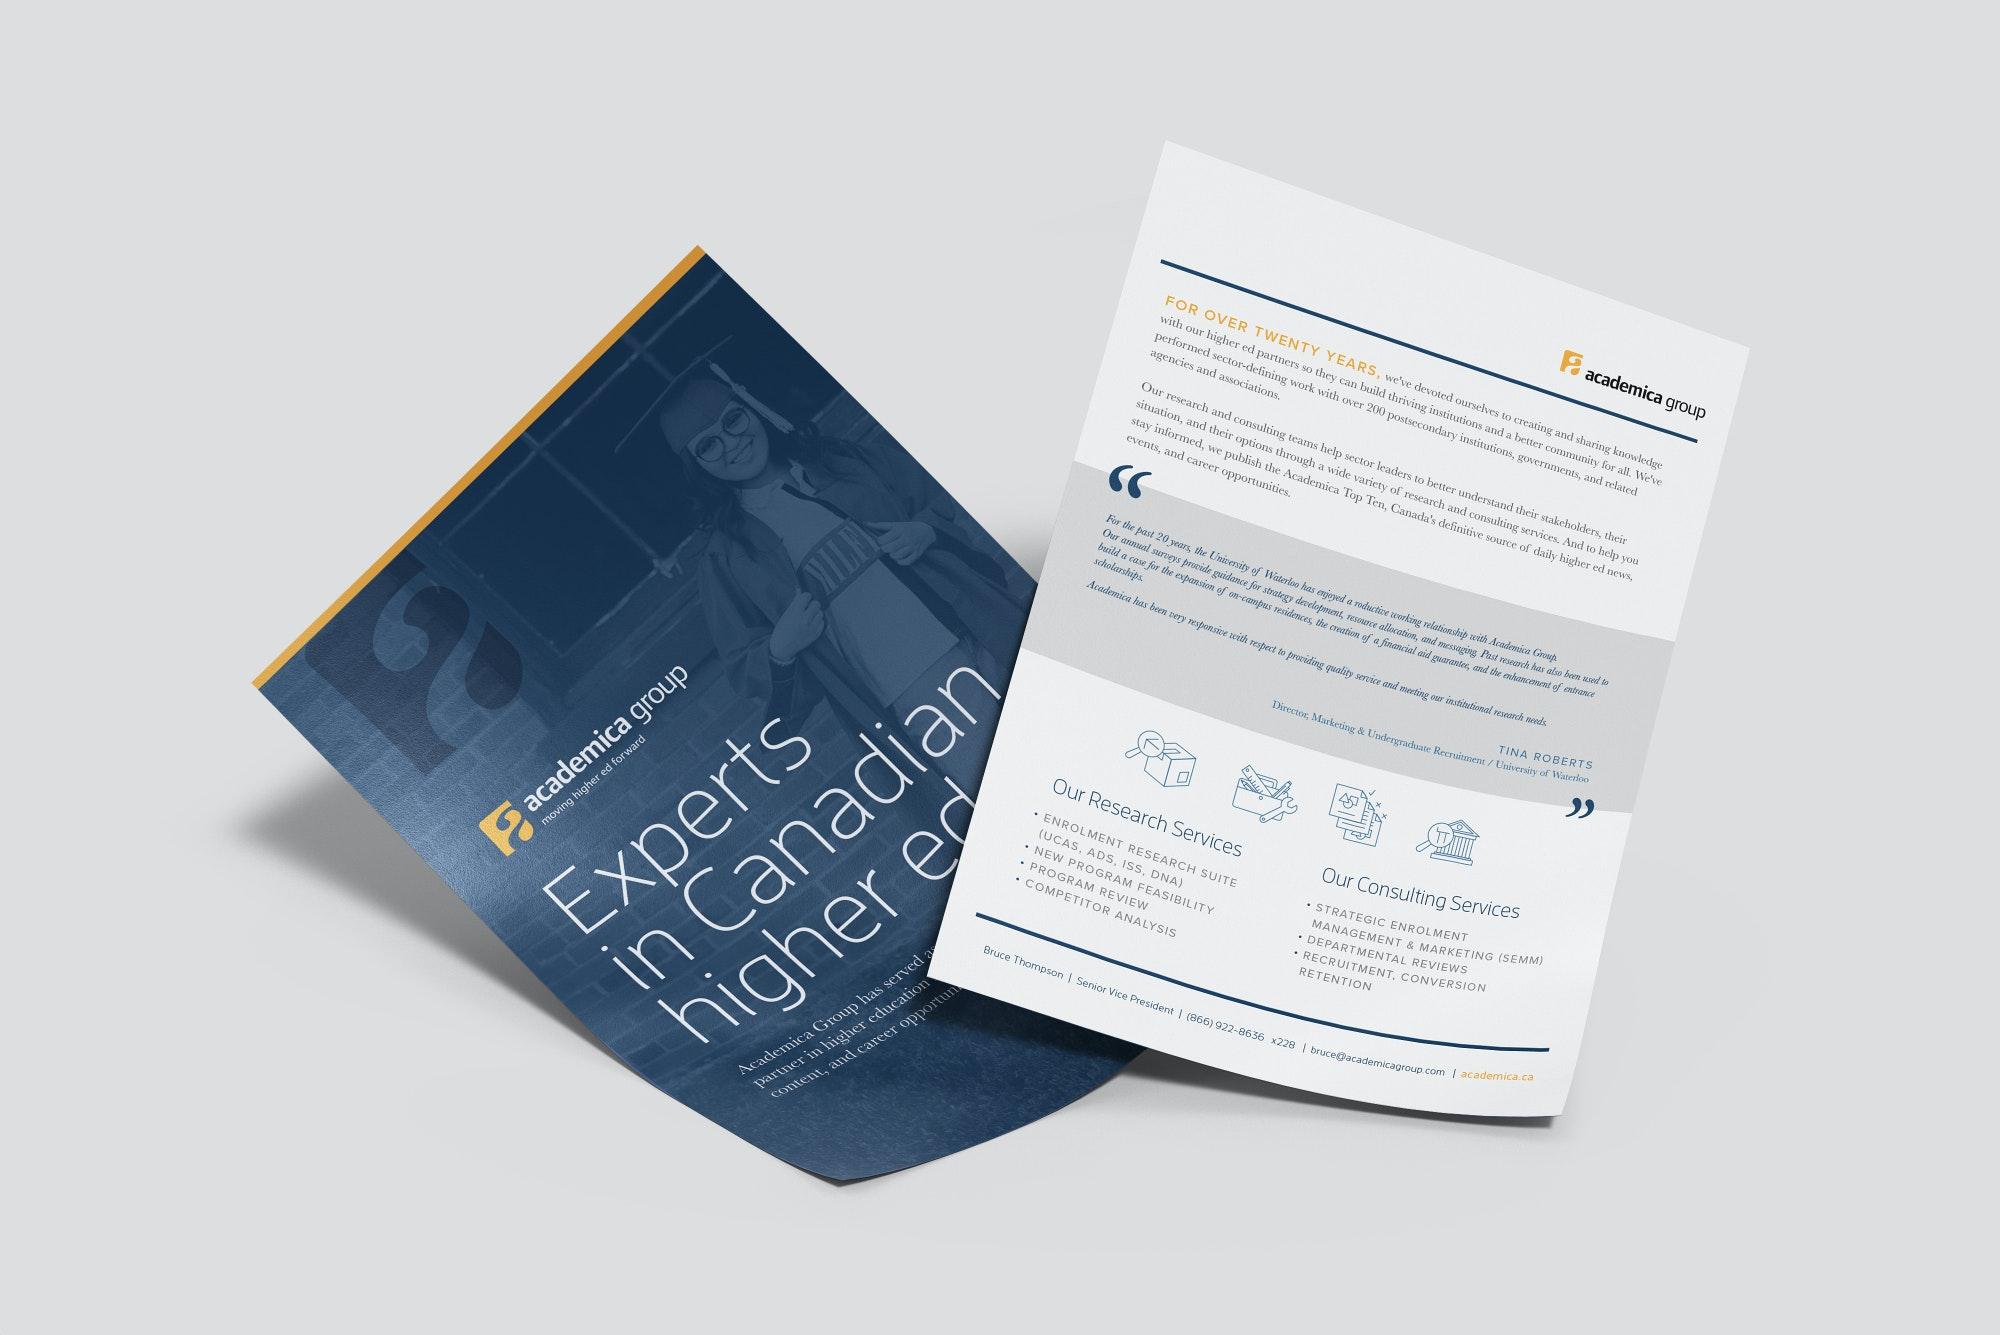 Academica print documents